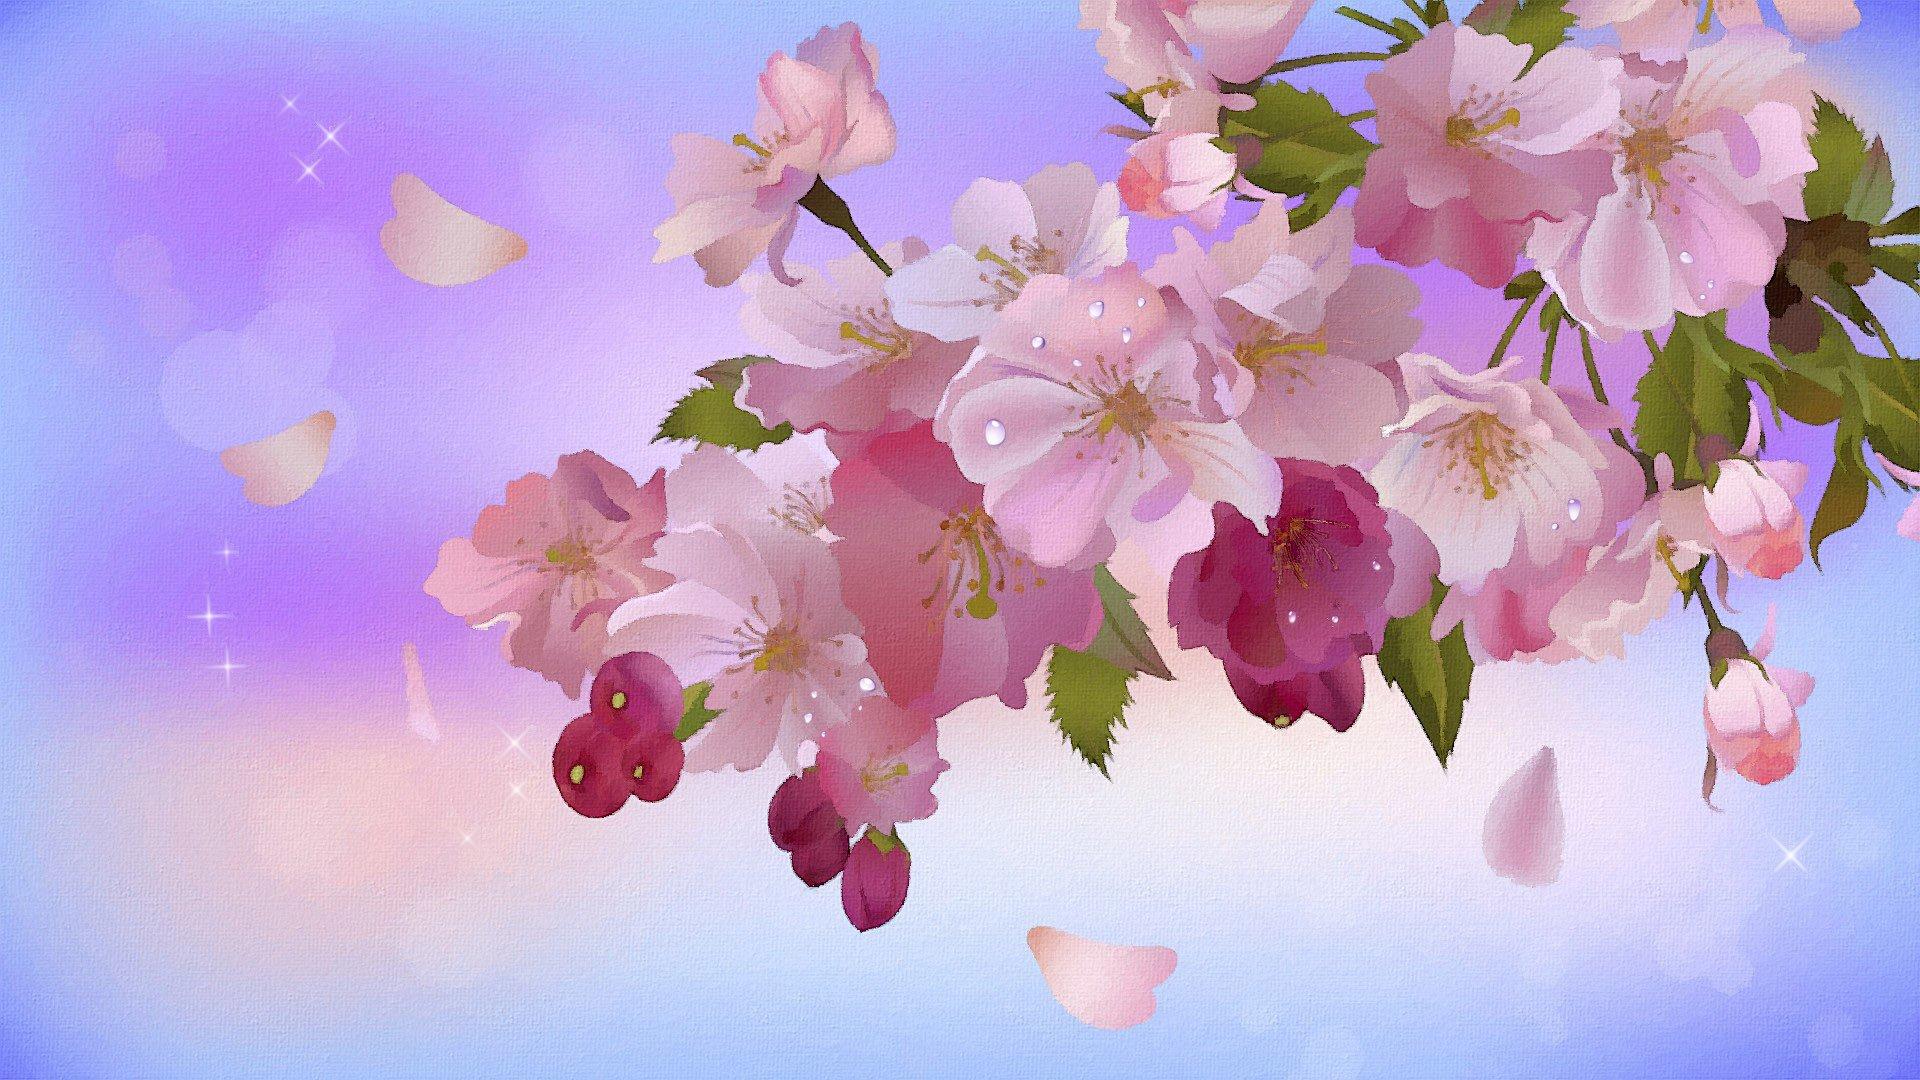 люда мечтала цвет яблони обои на рабочий стол овоща обладают нежной